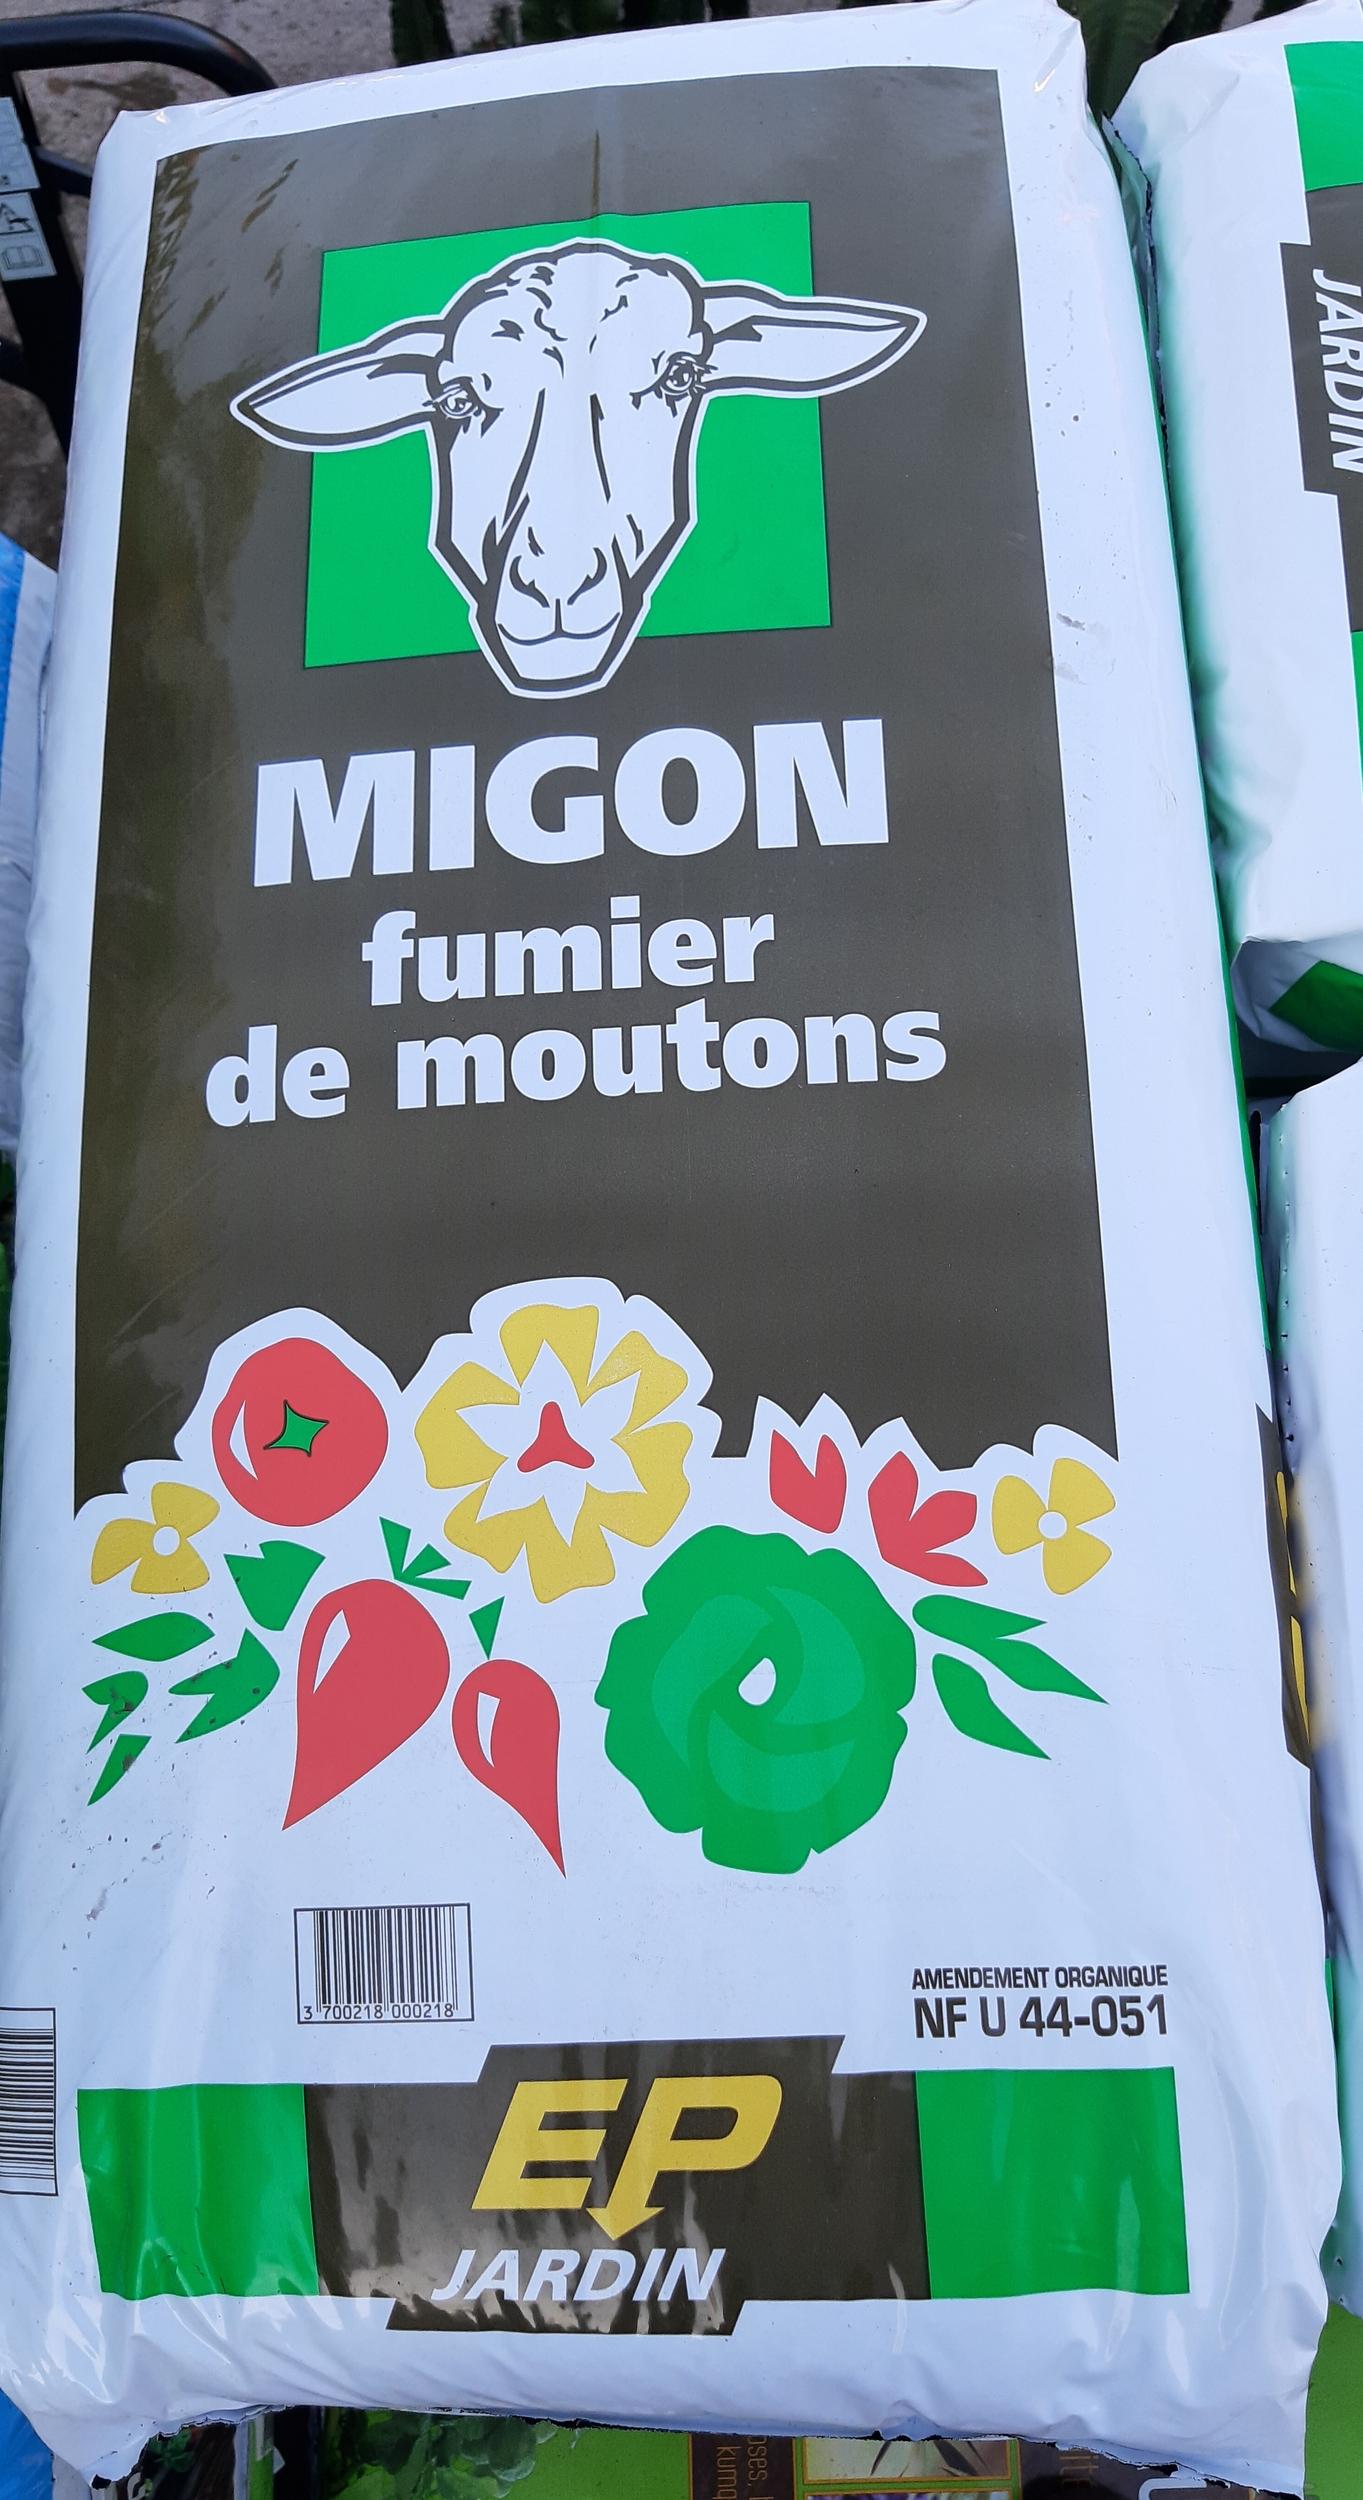 Fumier de mouton Migon 20 kg - la Jardinerie de Pessicart 06100 Nice